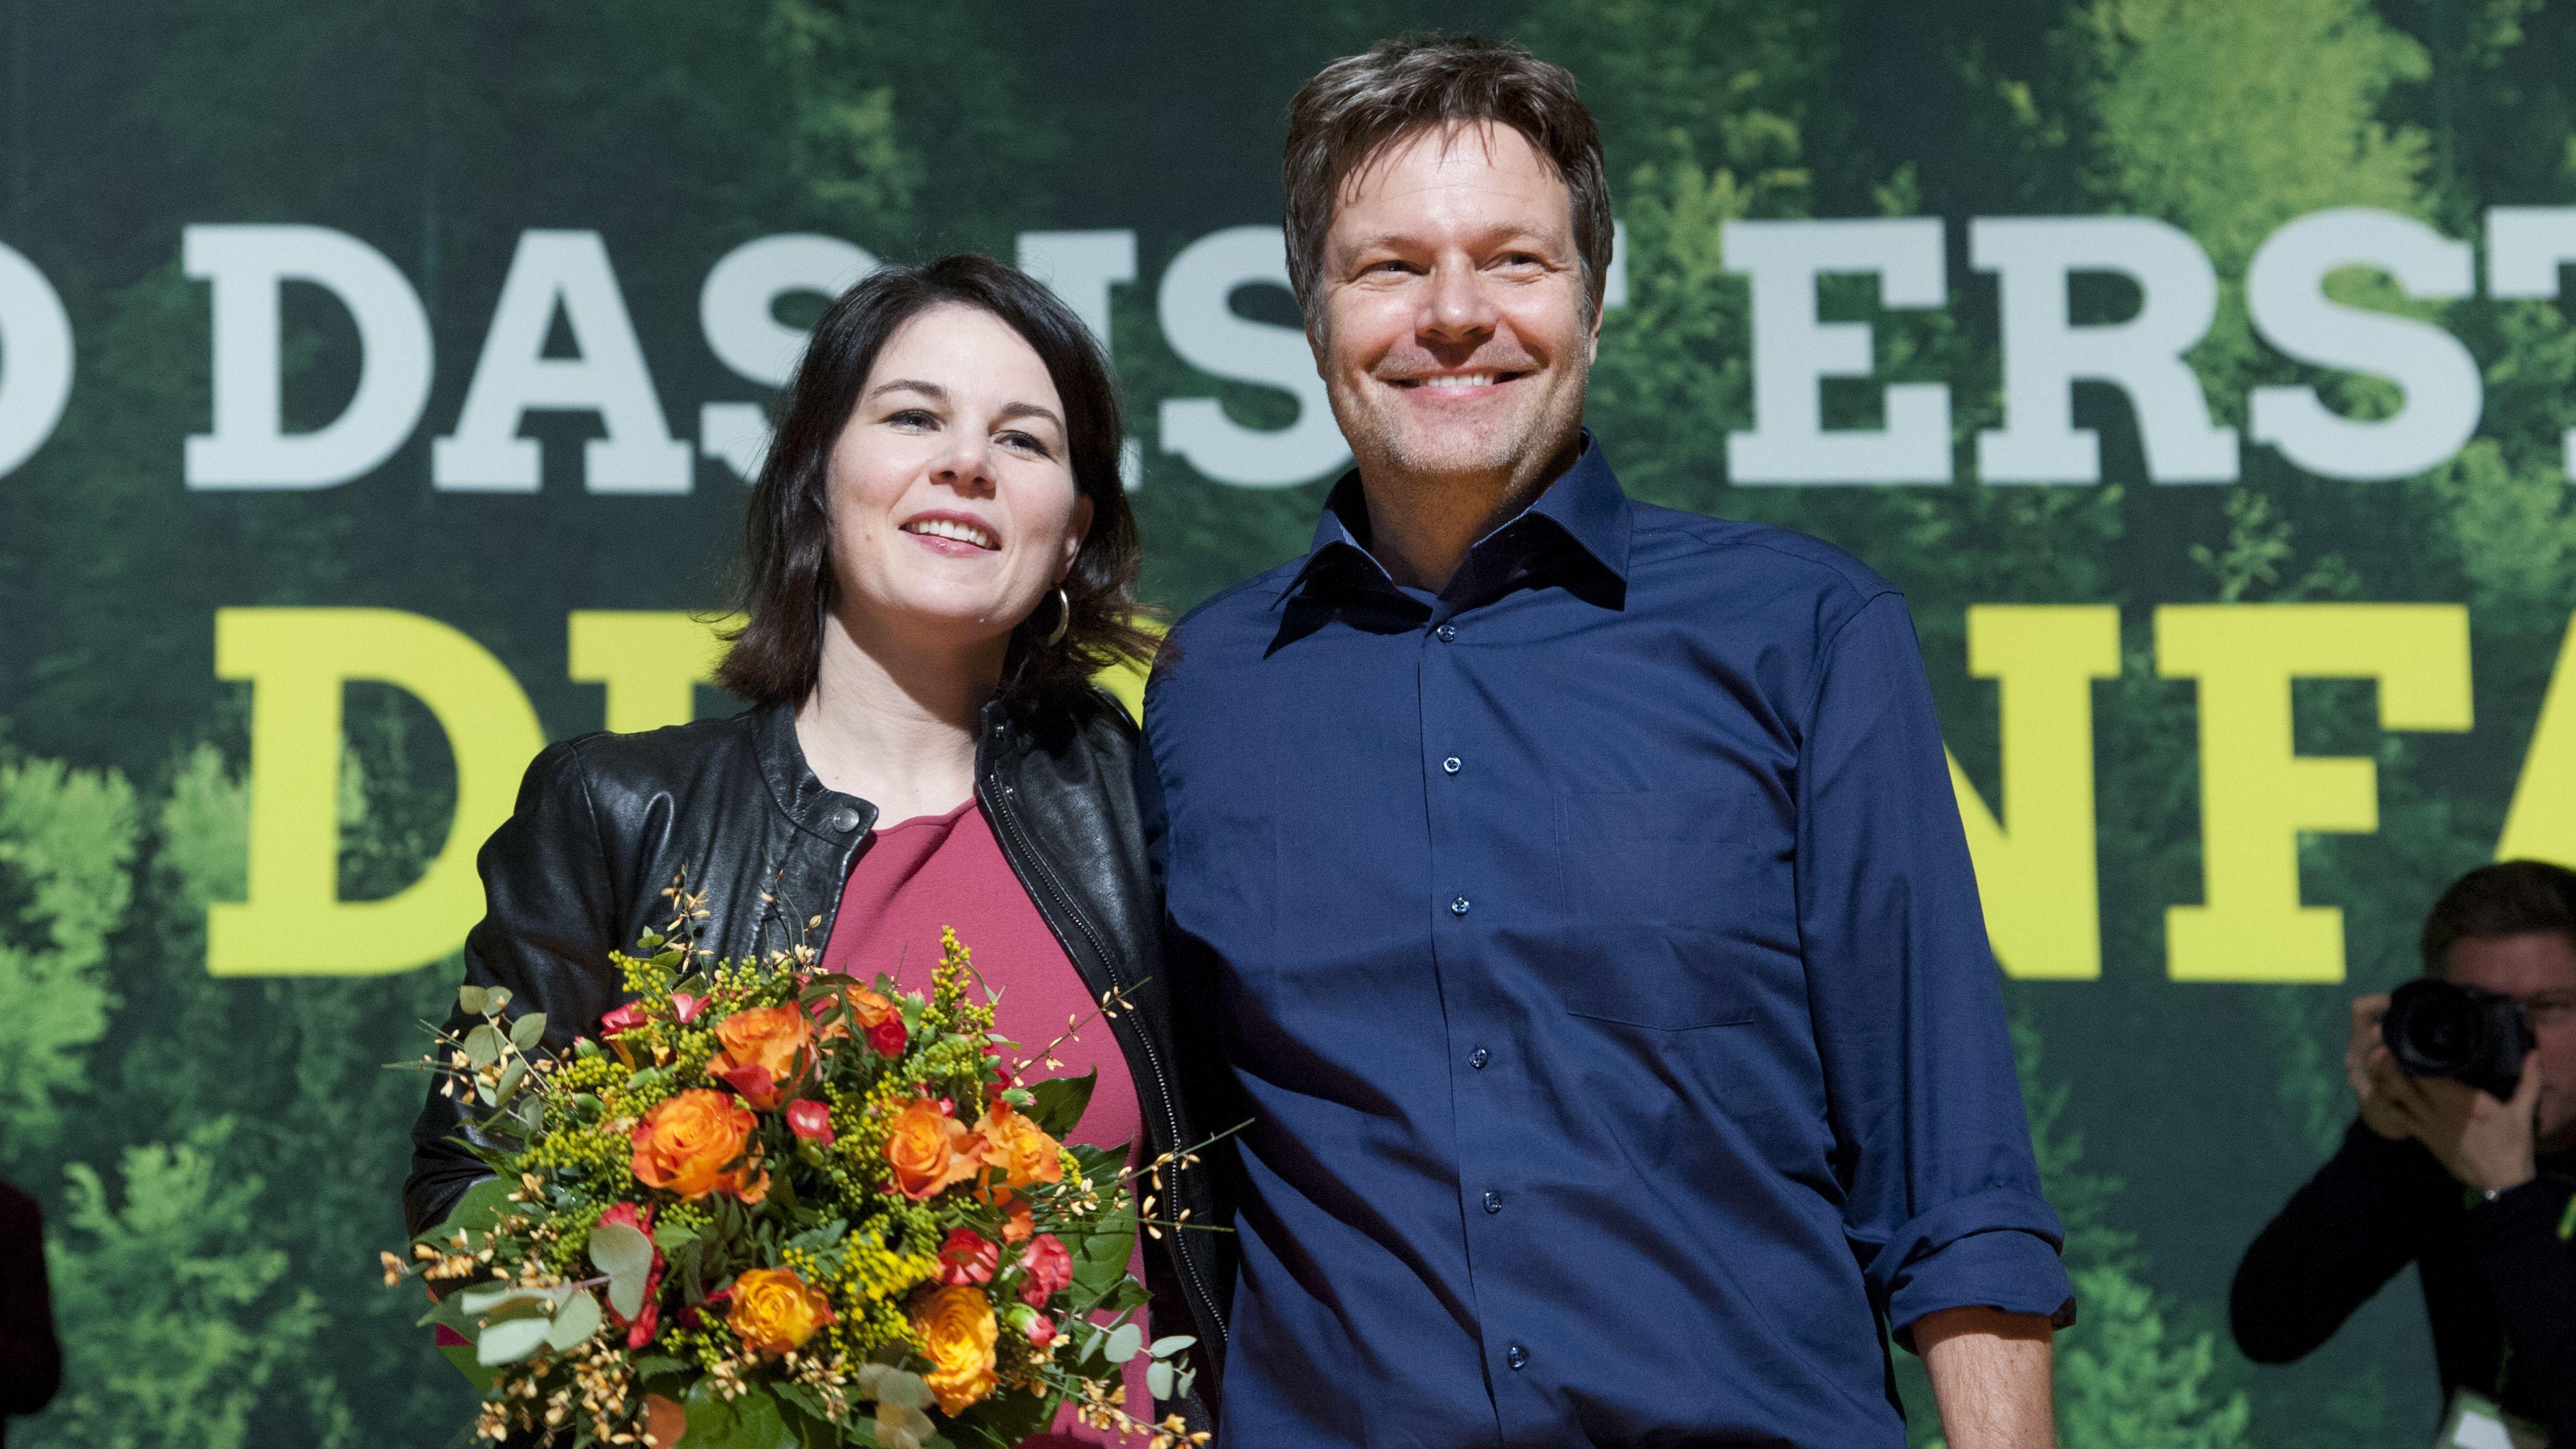 Die beiden Parteivorsitzenden Annalena Baerbock und Robert Habeck